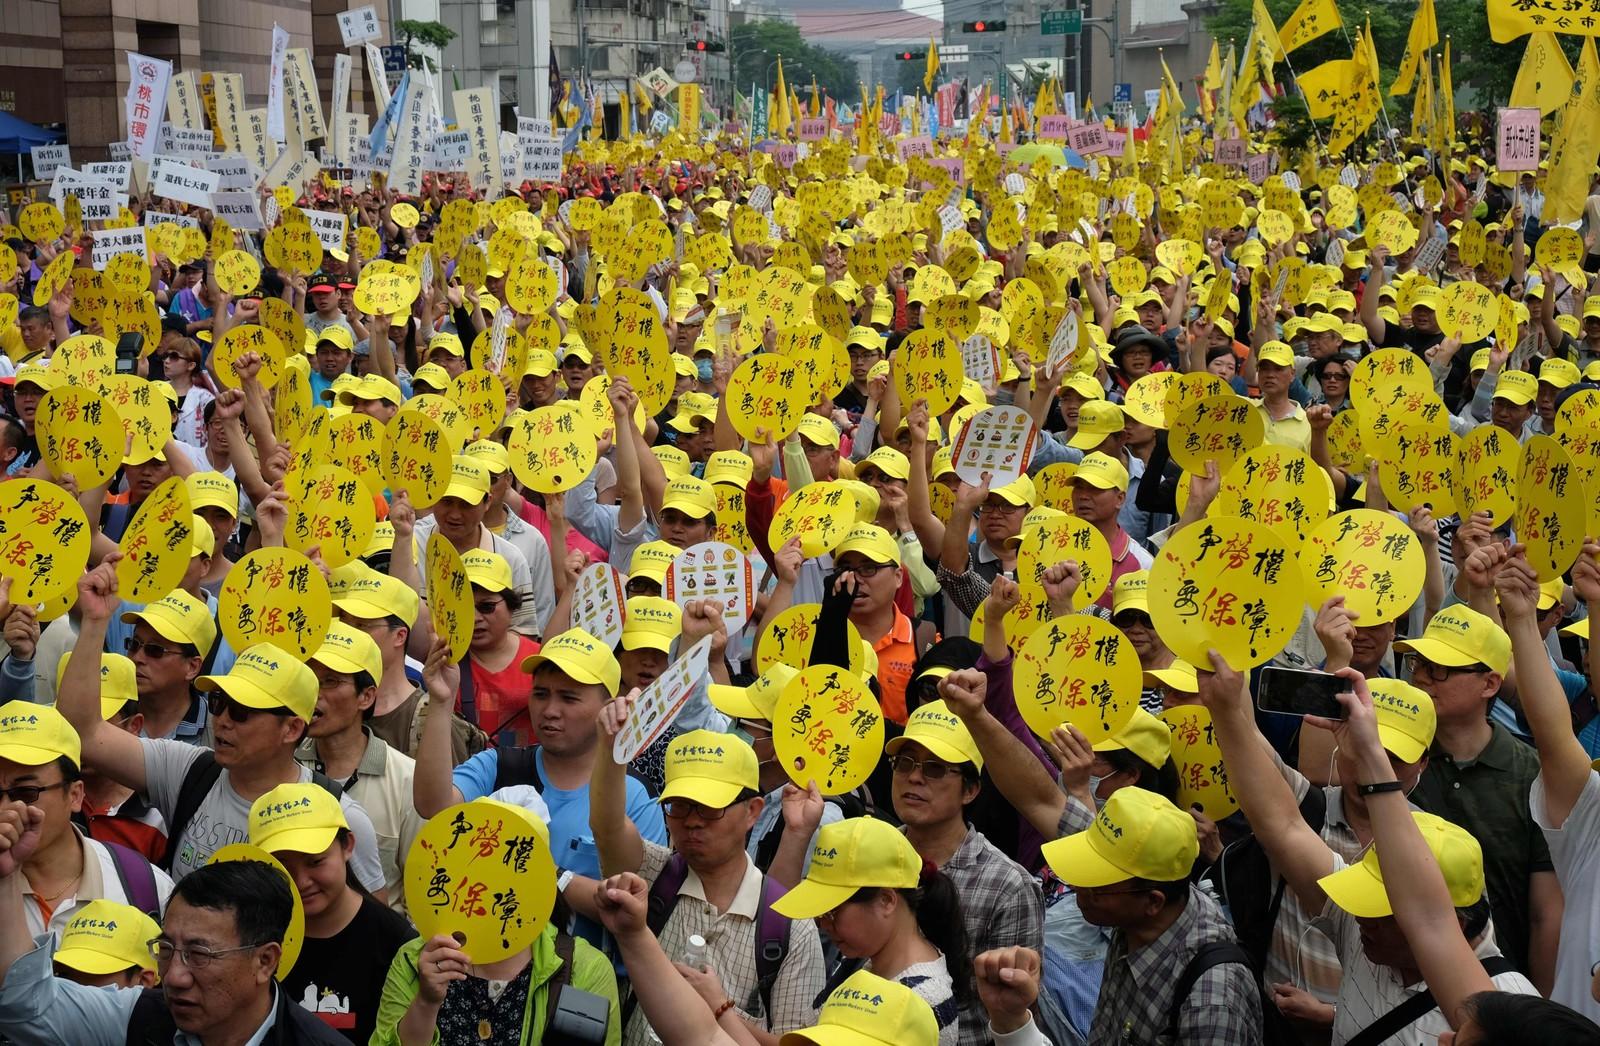 Arbeidere i Taiwan marsjerer for arbeidernes rettigheter i Taipei 1. mai. Tusener hadde tatt til gatene søndag for å markere dagen. De demonstrerte for at myndighetene skal heve lønningene, gjøre arbeidsdagene kortere og forby midlertidige ansettelser.